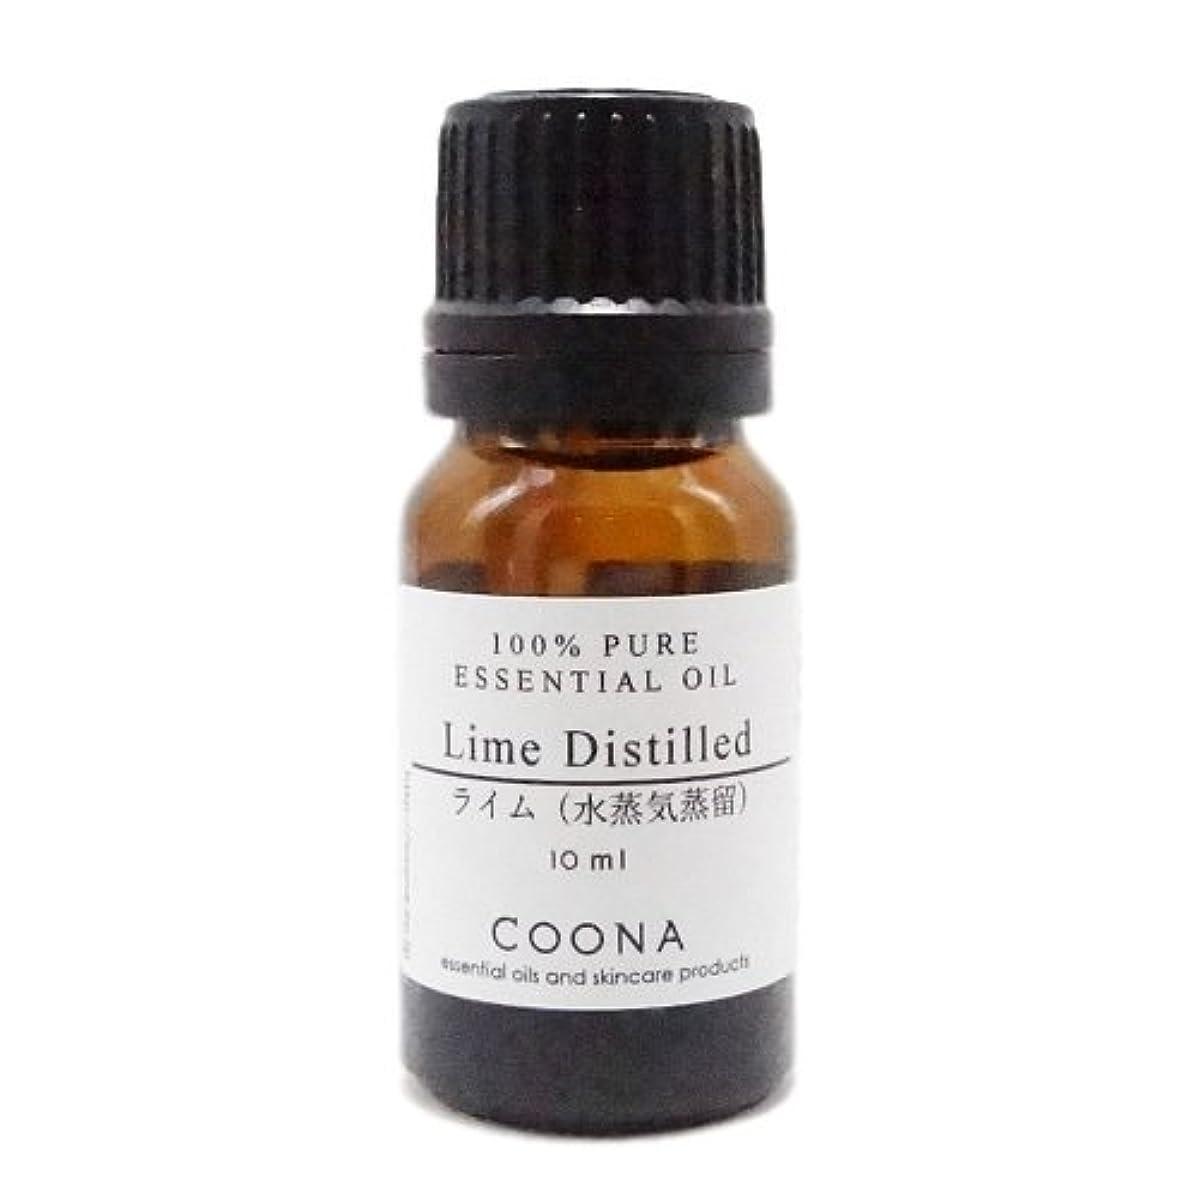 生きているブッシュ幻想的ライム 水蒸気蒸留 10 ml (COONA エッセンシャルオイル アロマオイル 100%天然植物精油)